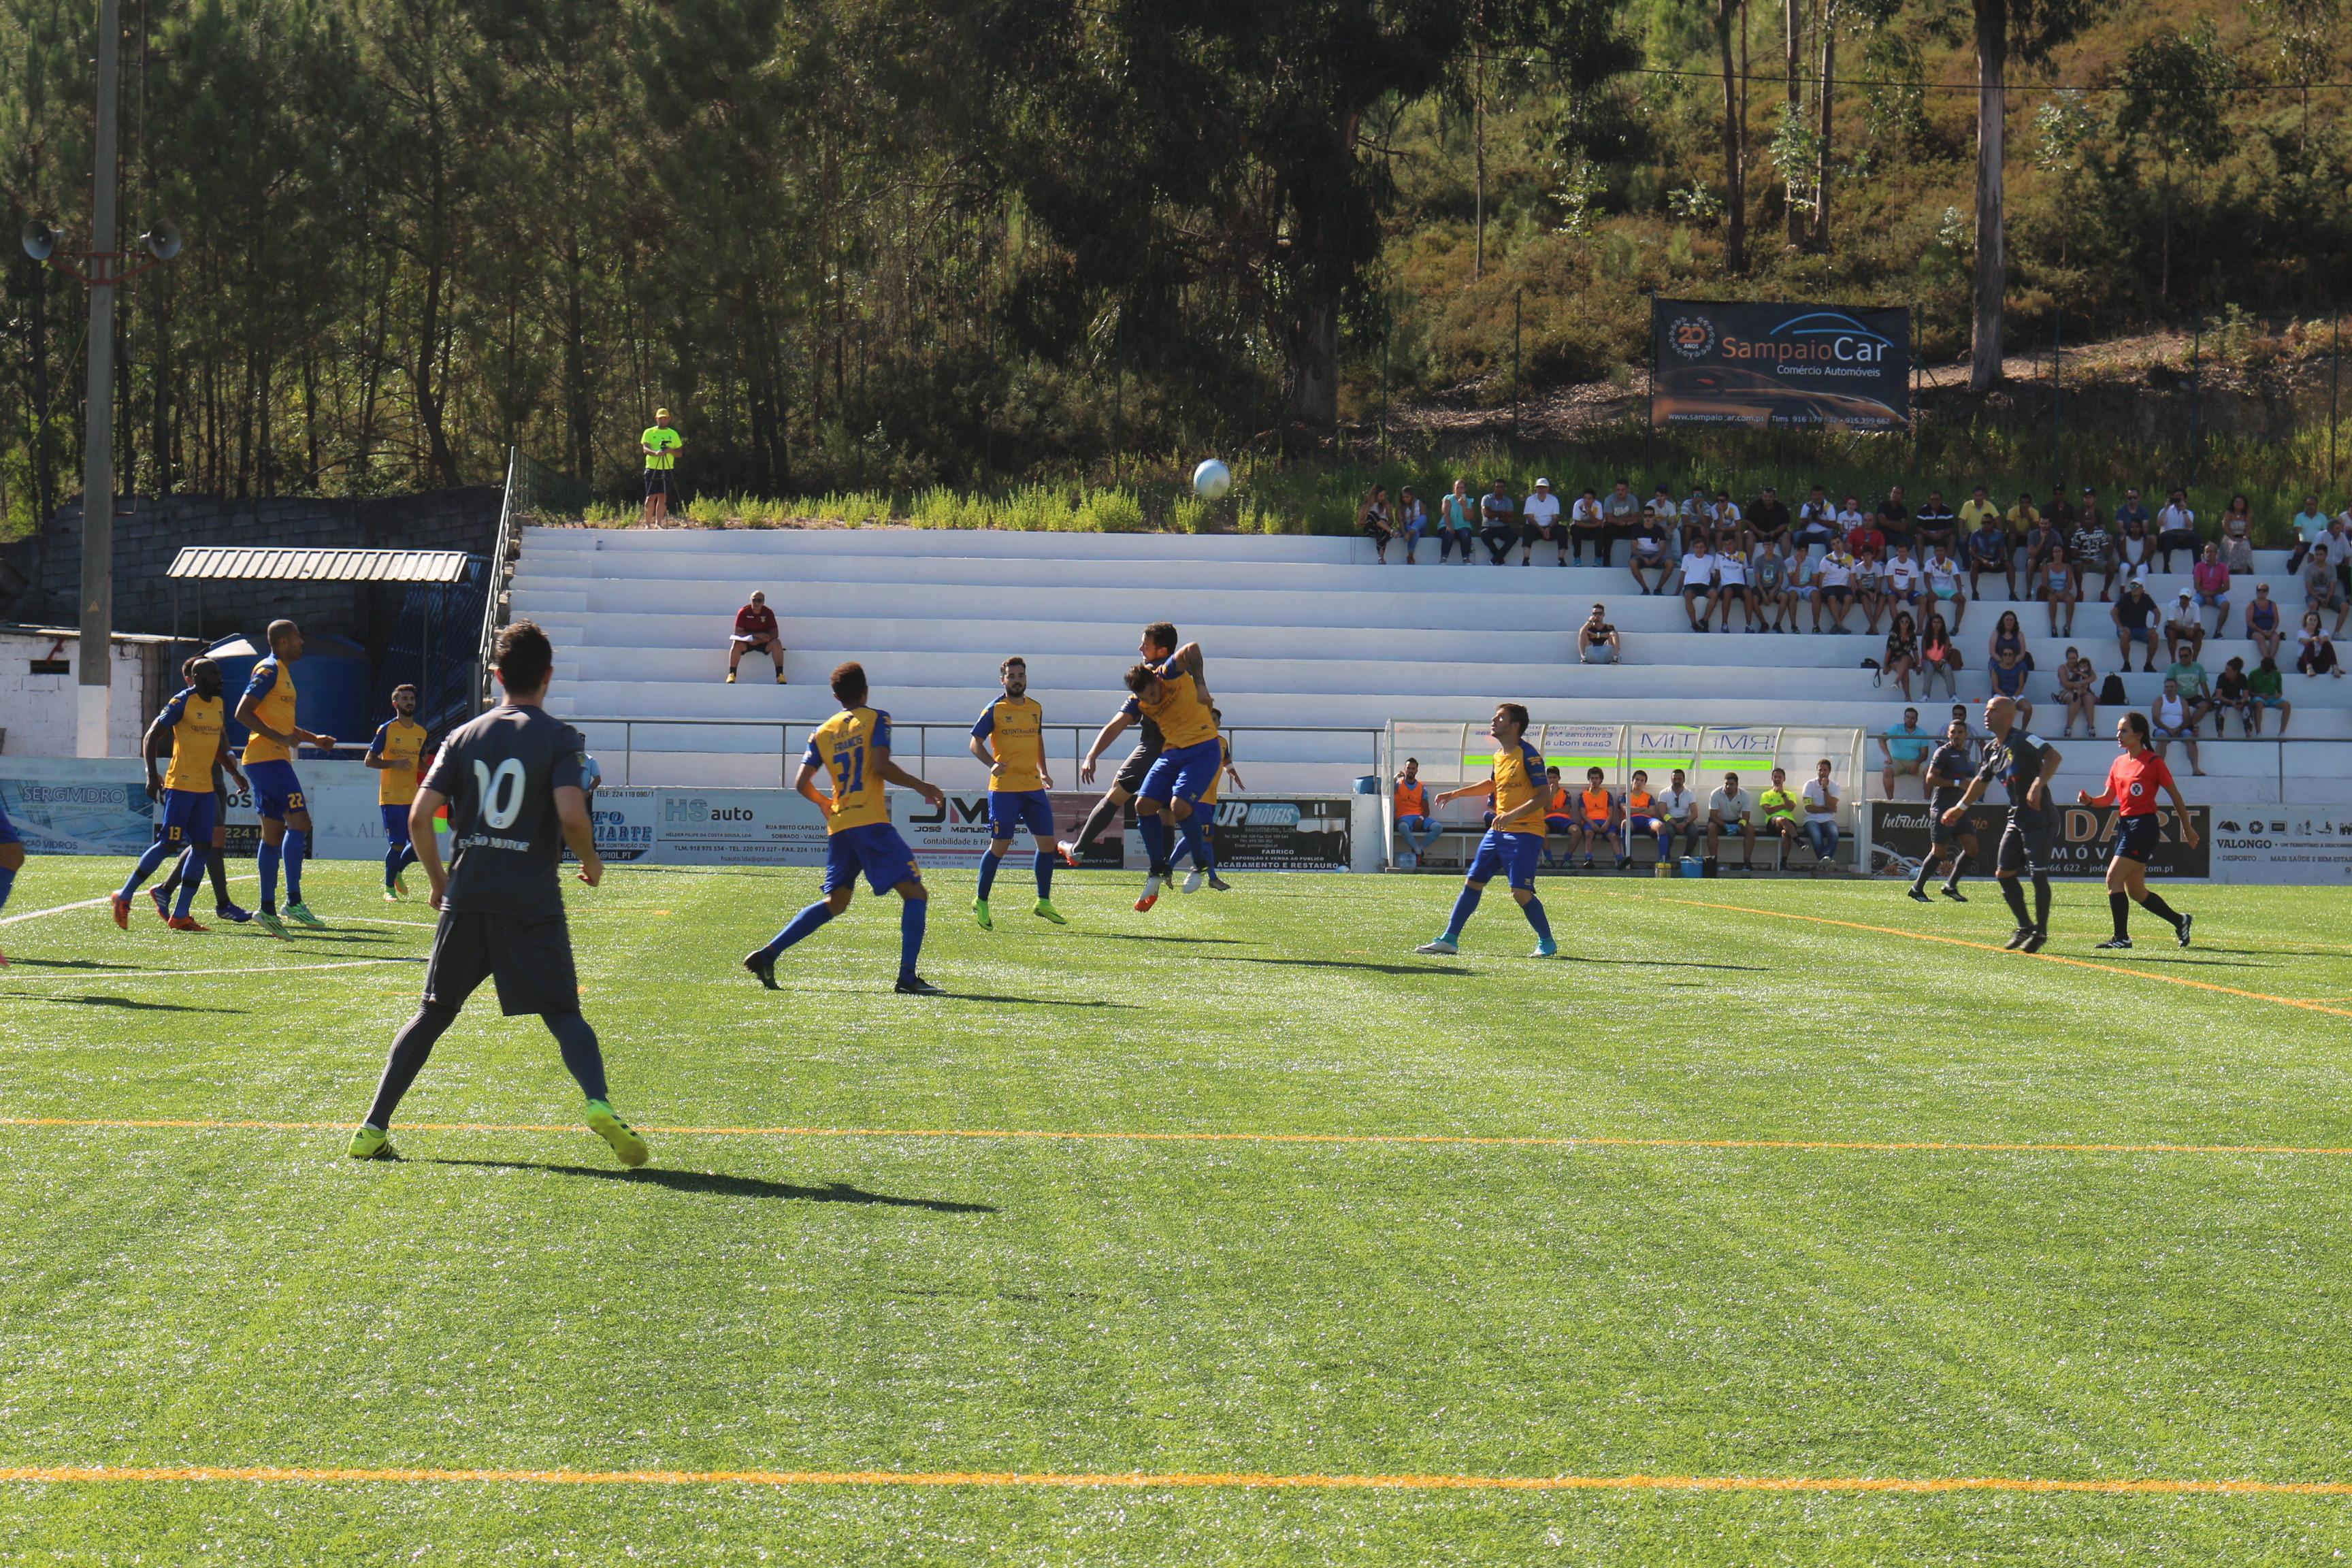 CD Sobrado 0 - 0 SC Rio Tinto